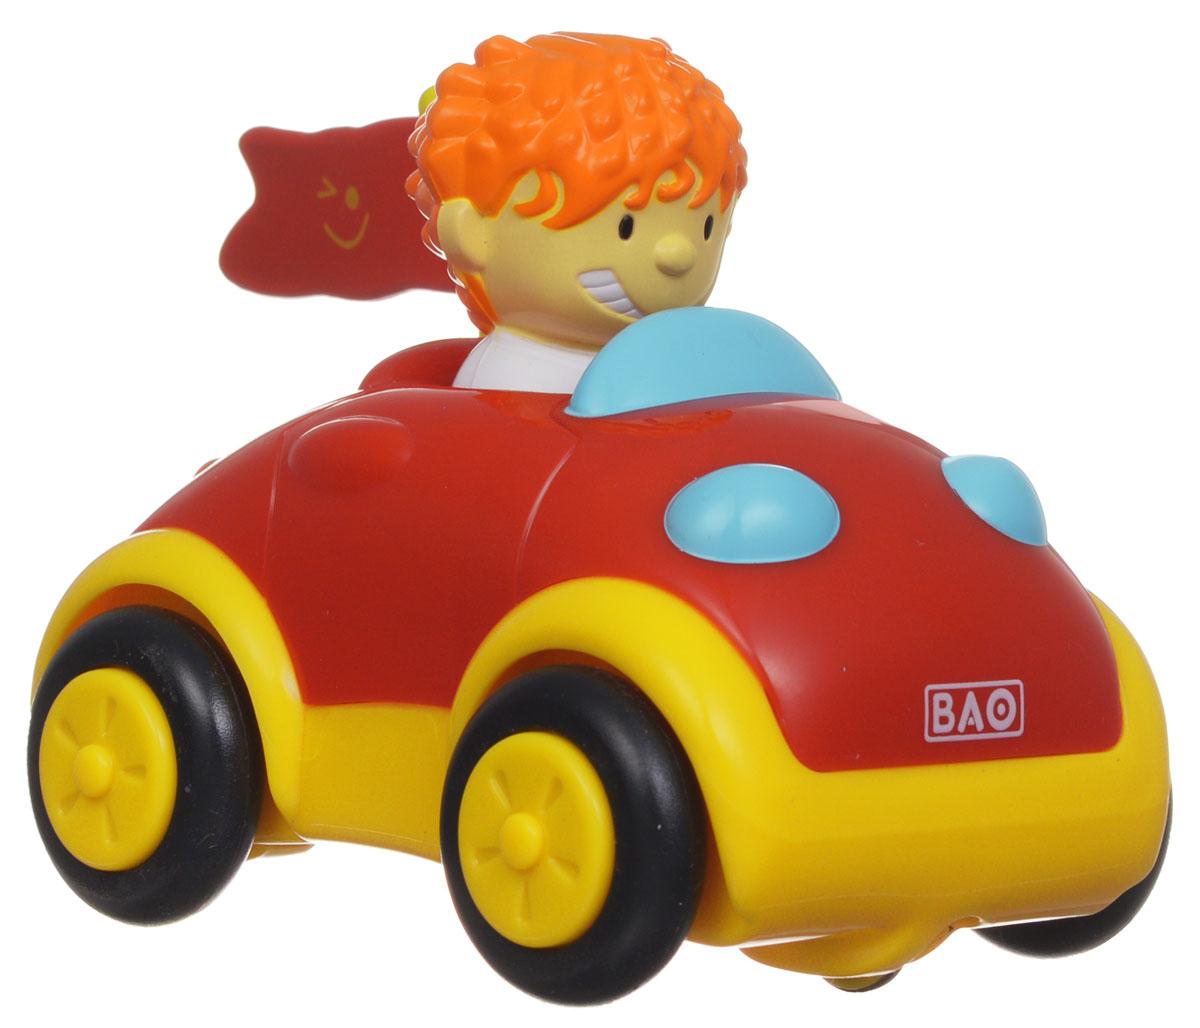 """Smoby """"Park & Drive"""" - это прекрасный игровой набор в виде своеобразного руля-гаража с машинкой и водителем. Набор доставит крохе массу положительных эмоций. Игровой комплект Smoby состоит из гаража желтого цвета, на котором располагается игровая управляющая панель с разноцветными кнопками и синий руль, а также красочной радиоуправляемой машинки с водителем. Игрушка снабжена звуковыми эффектами, а именно: если ребенок поворачивает ключ зажигания, то он слышит звук мотора, жмет на клаксон, располагающийся на руле - машинка сигналит, нажимает на красную кнопку - с помощью звука создается иллюзия проносящейся мимо машины, на желтую кнопку - слышит, как машинка тормозит, а при нажатии на зеленую кнопку раздается звук заводящейся машинки. Режим движения машинки: вперед, направо, налево. Для того, чтобы начать игру, остается лишь включить на машинке и руле позицию """"On"""". Машинкой можно управлять на достаточно дальнем расстоянии - 26 шагов. Во время игры с этой игрушкой у малыша..."""